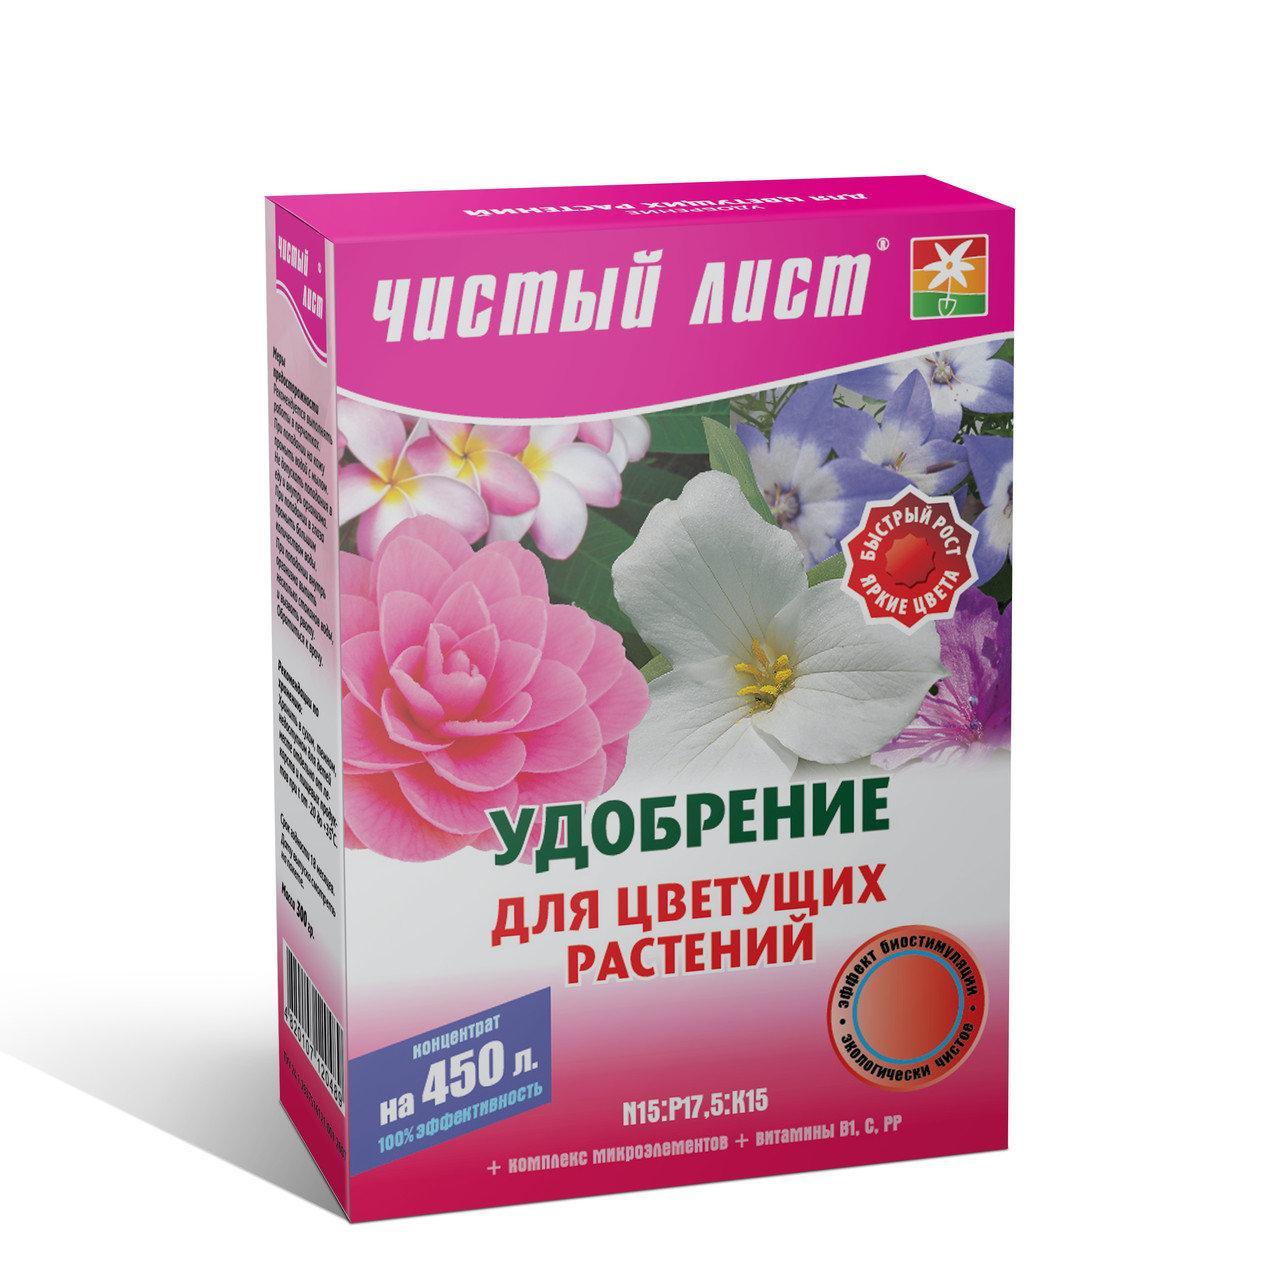 Удобрение для цветущих, 300г, Kvitofor